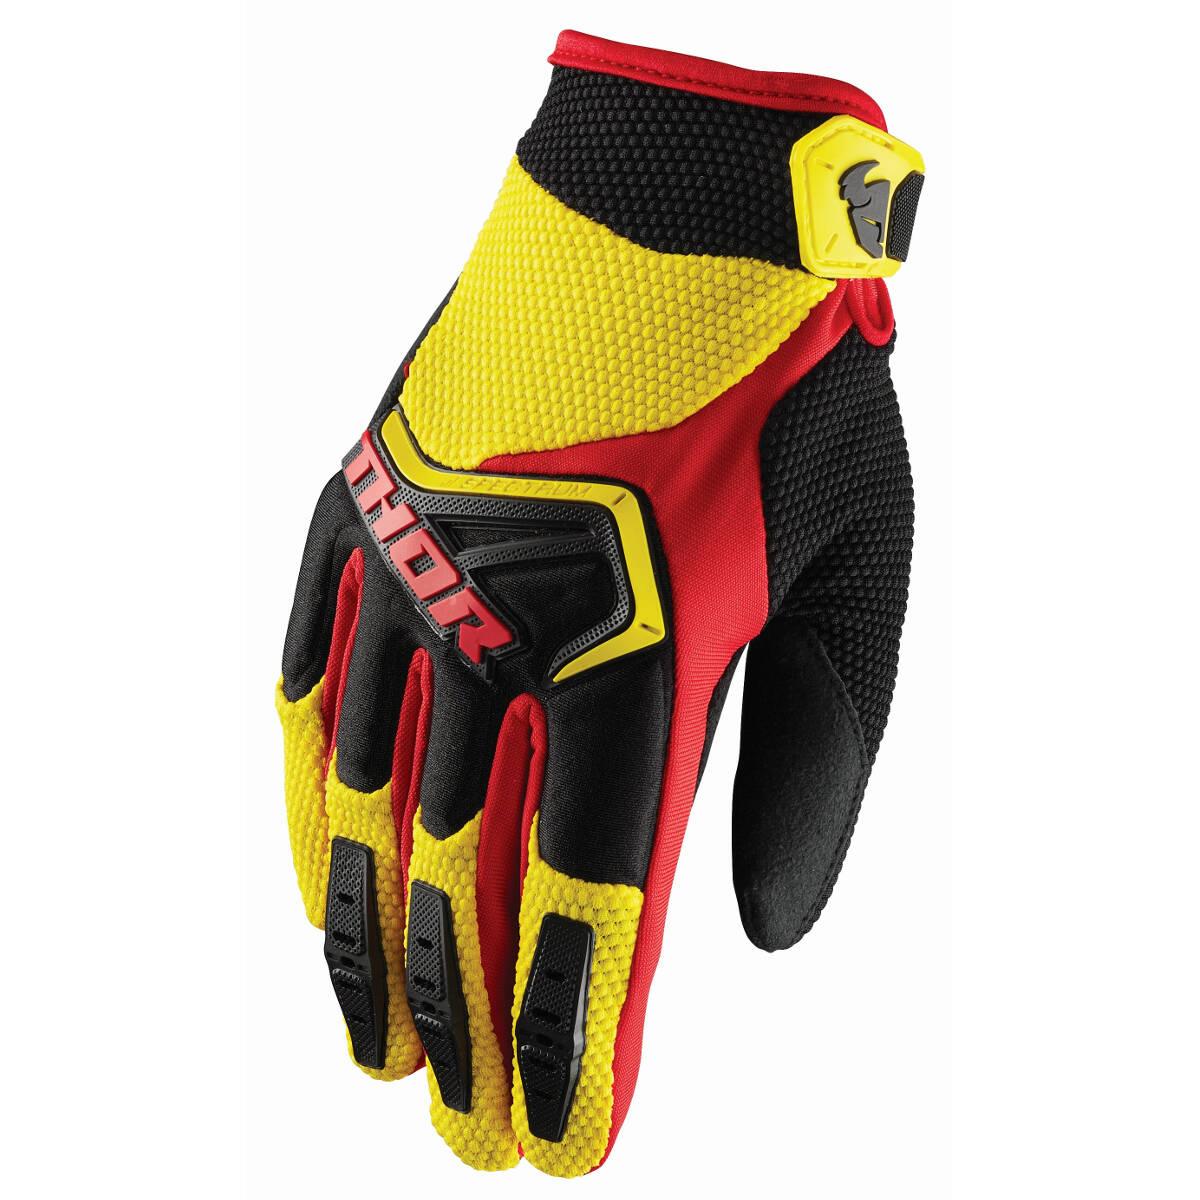 Thor Handschuhe Spectrum Gelb/Schwarz/Rot